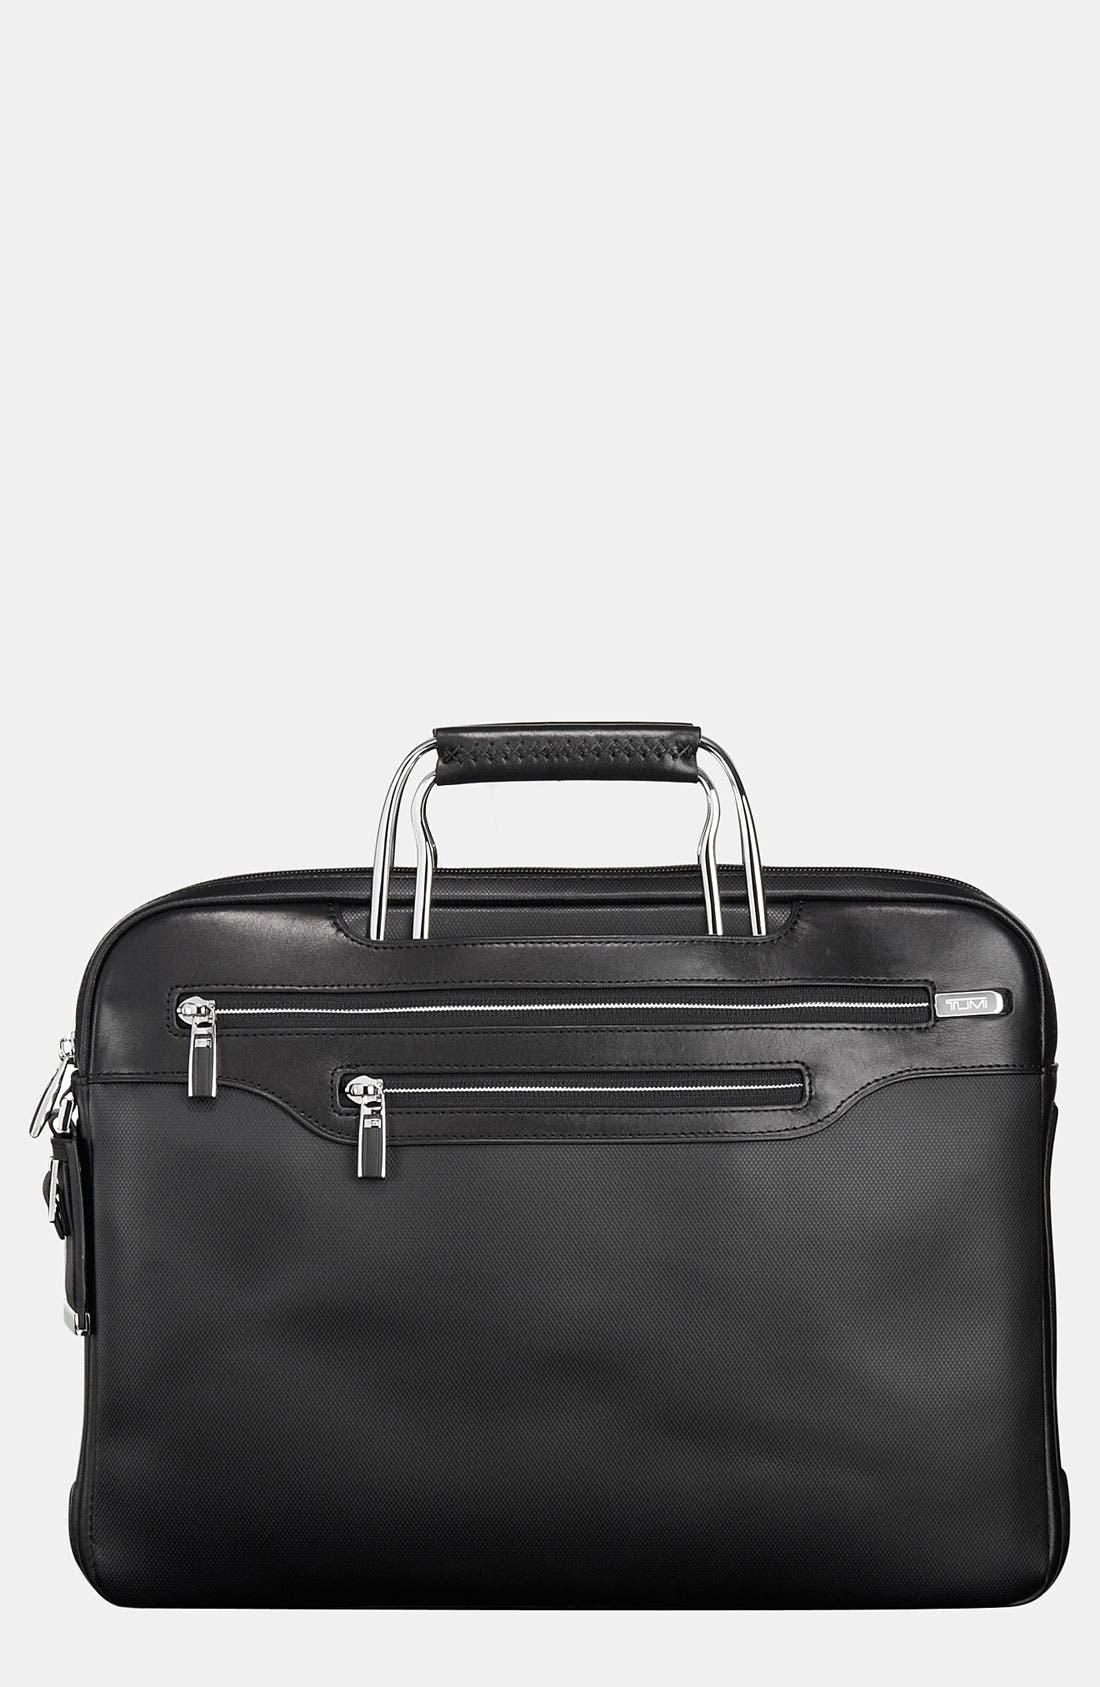 Alternate Image 1 Selected - Tumi 'Arrive - Tegel' Slim Leather Portfolio